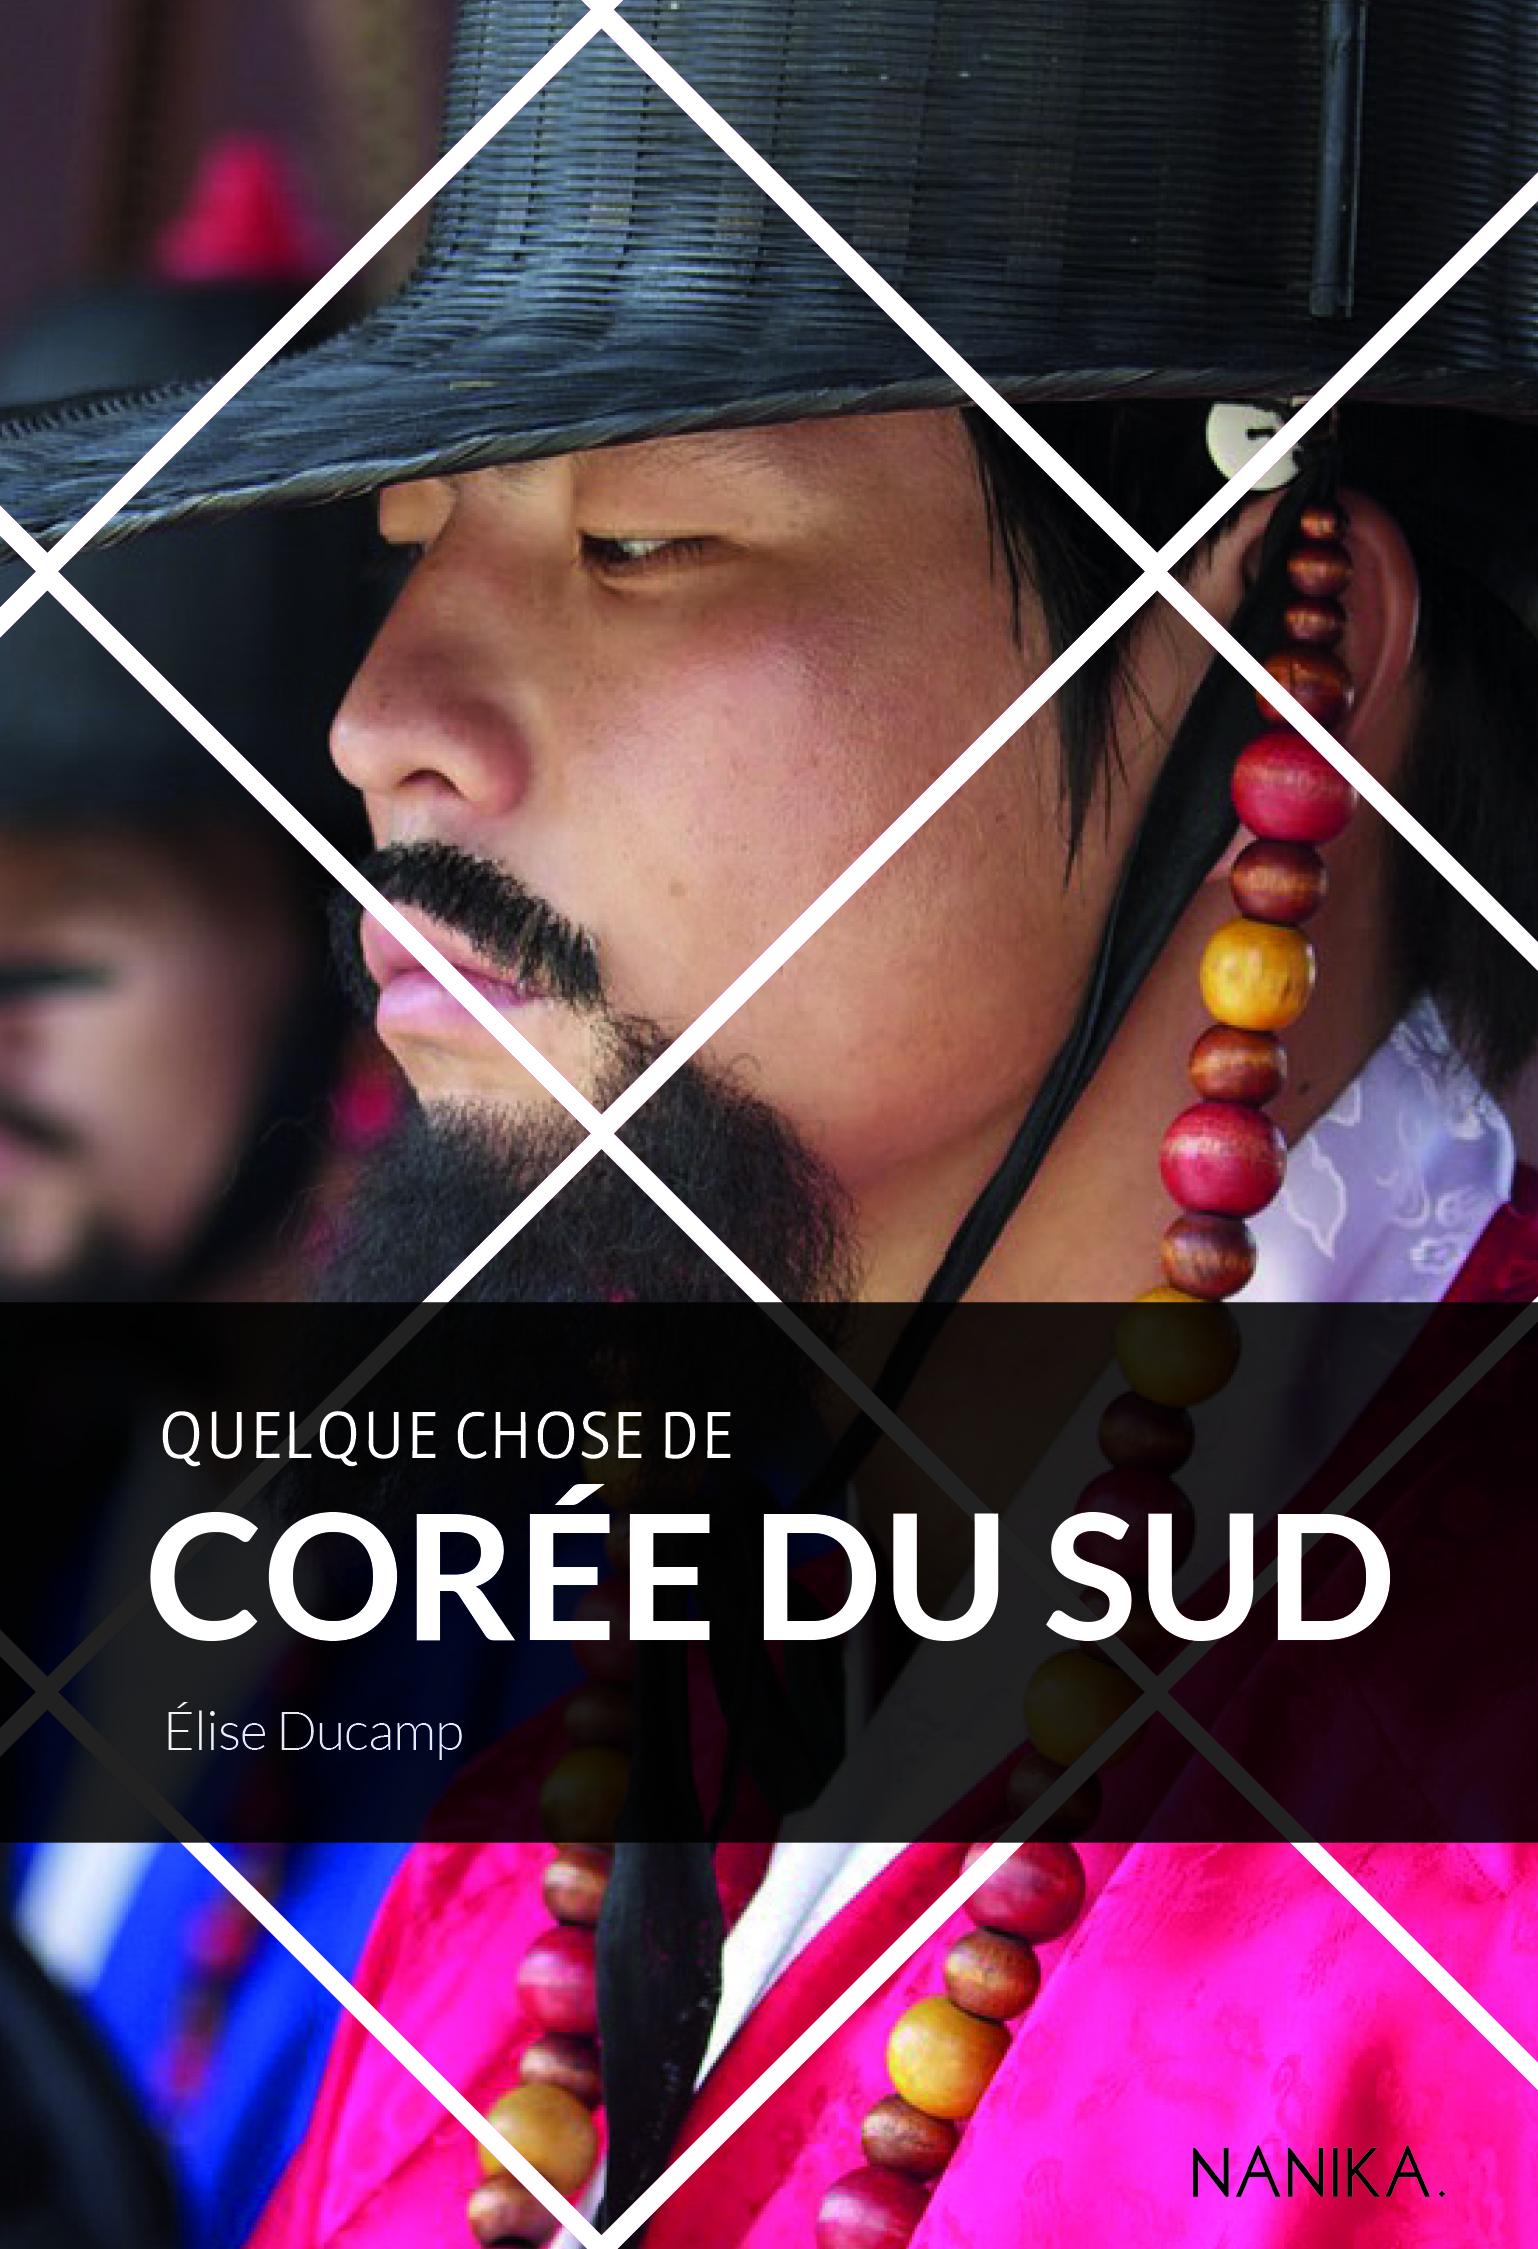 QUELQUE CHOSE DE COREE DU SUD